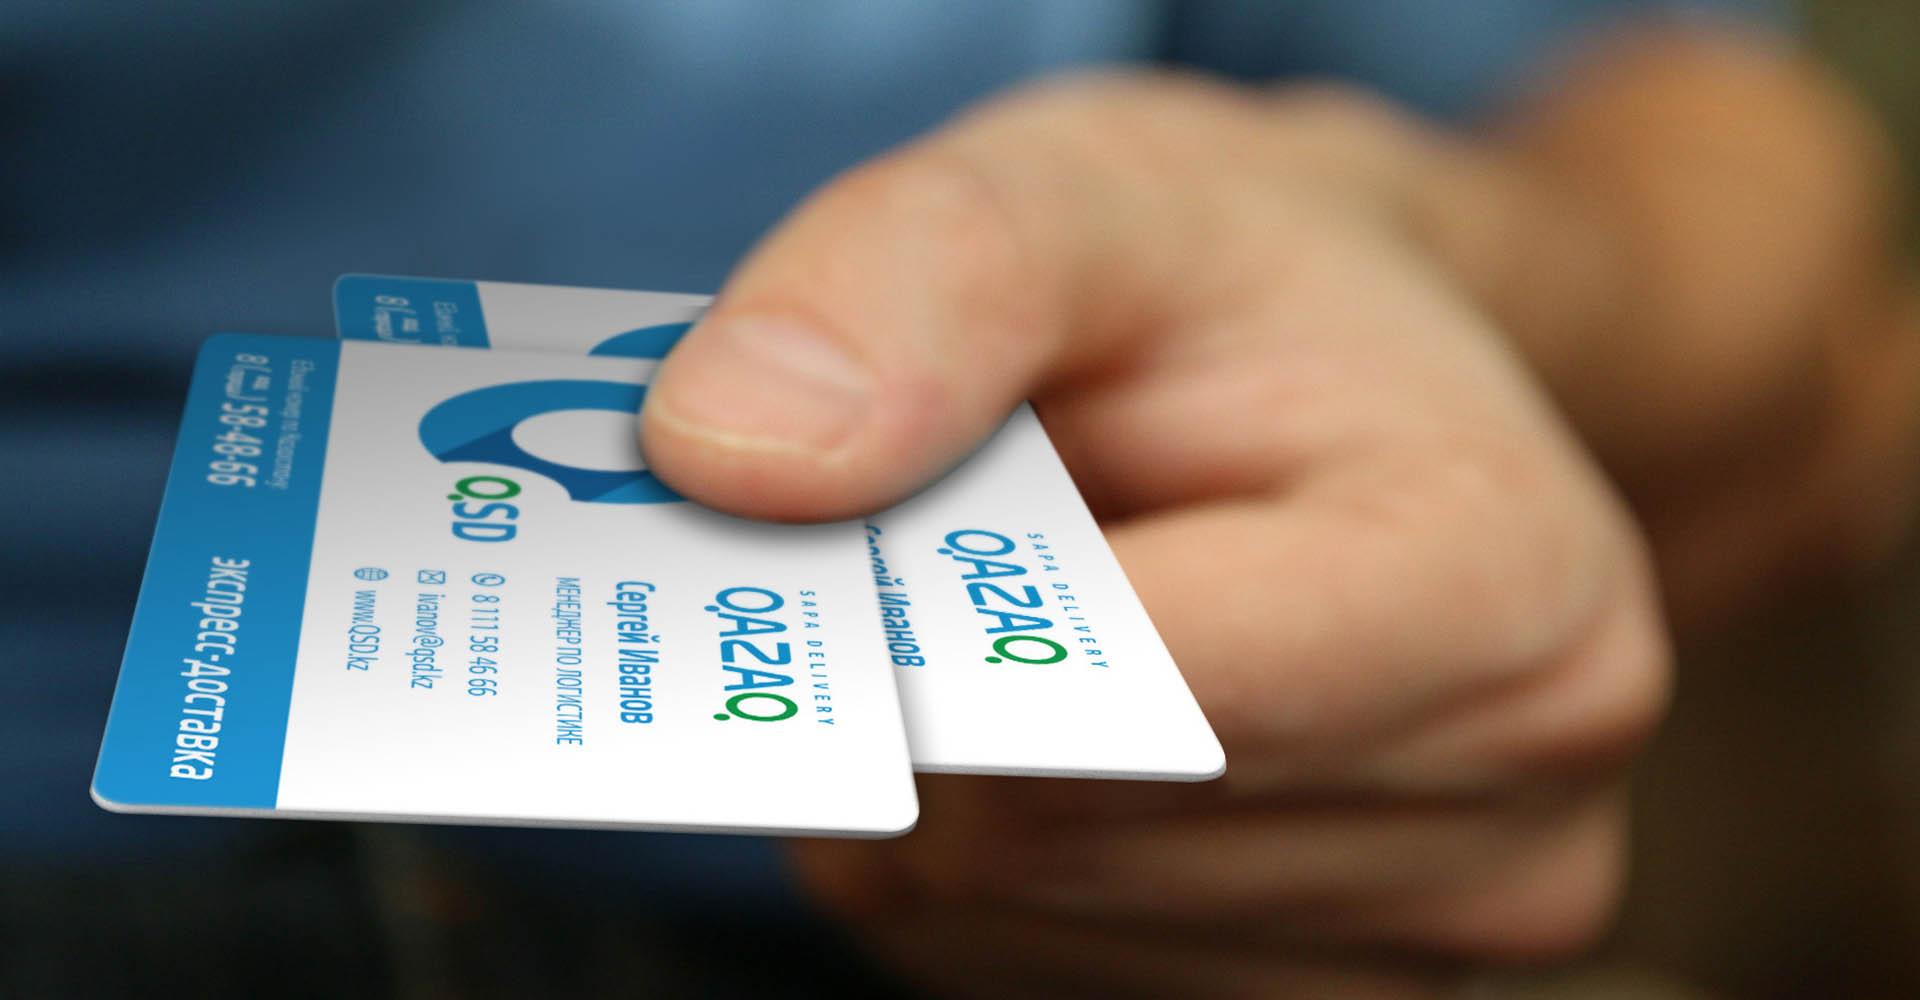 дизайн карточек доставка